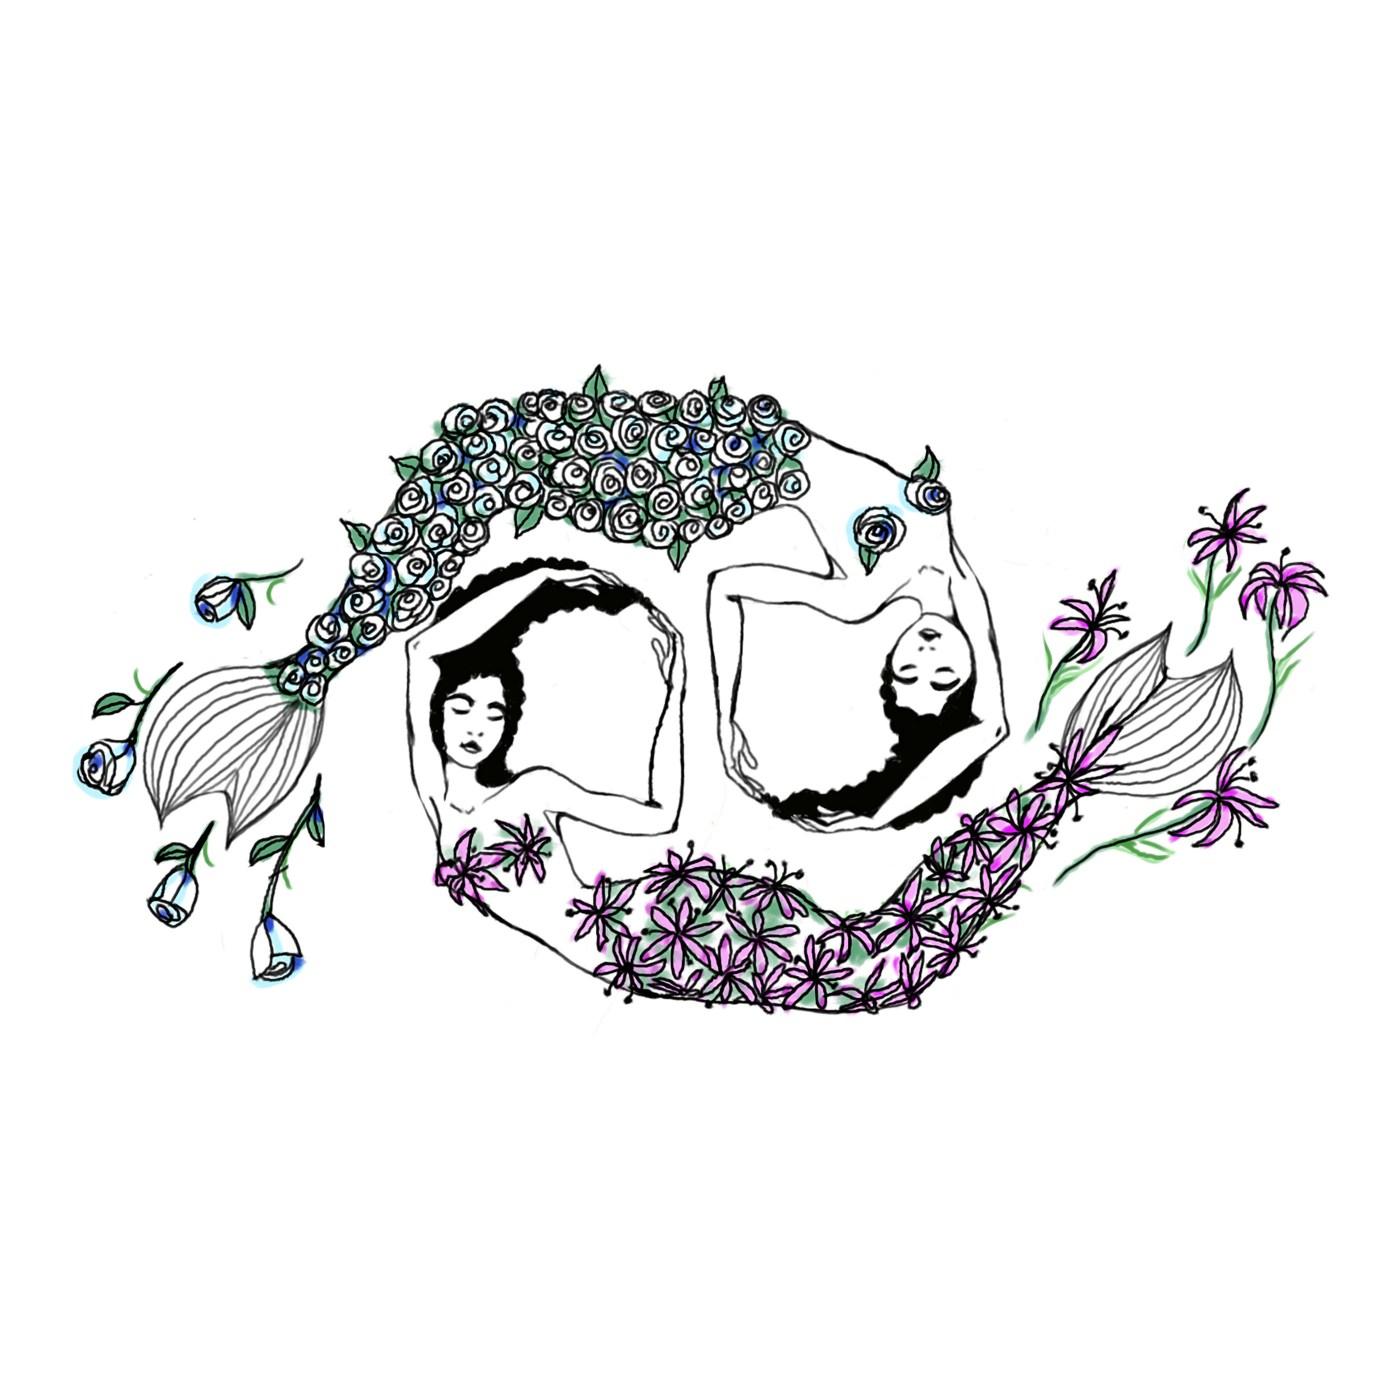 Cancer Season Illustration by Wren McMurdo Brignac